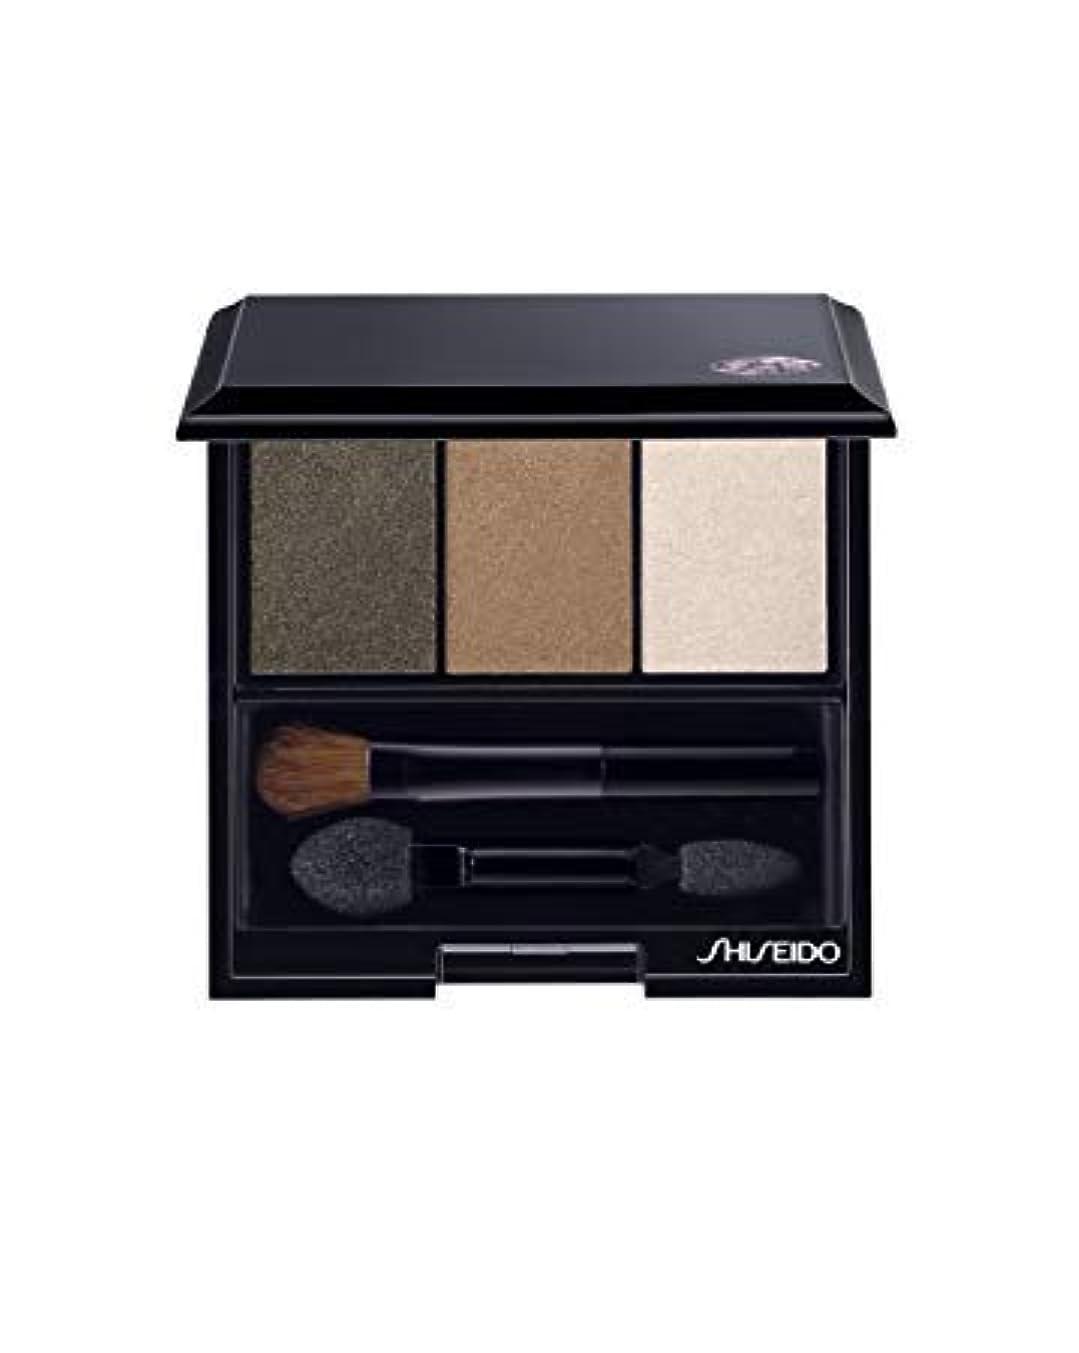 動被害者見捨てる資生堂 ルミナイジング サテン アイカラー トリオ BR307(Shiseido Luminizing Satin Eye Color Trio BR307) [並行輸入品]